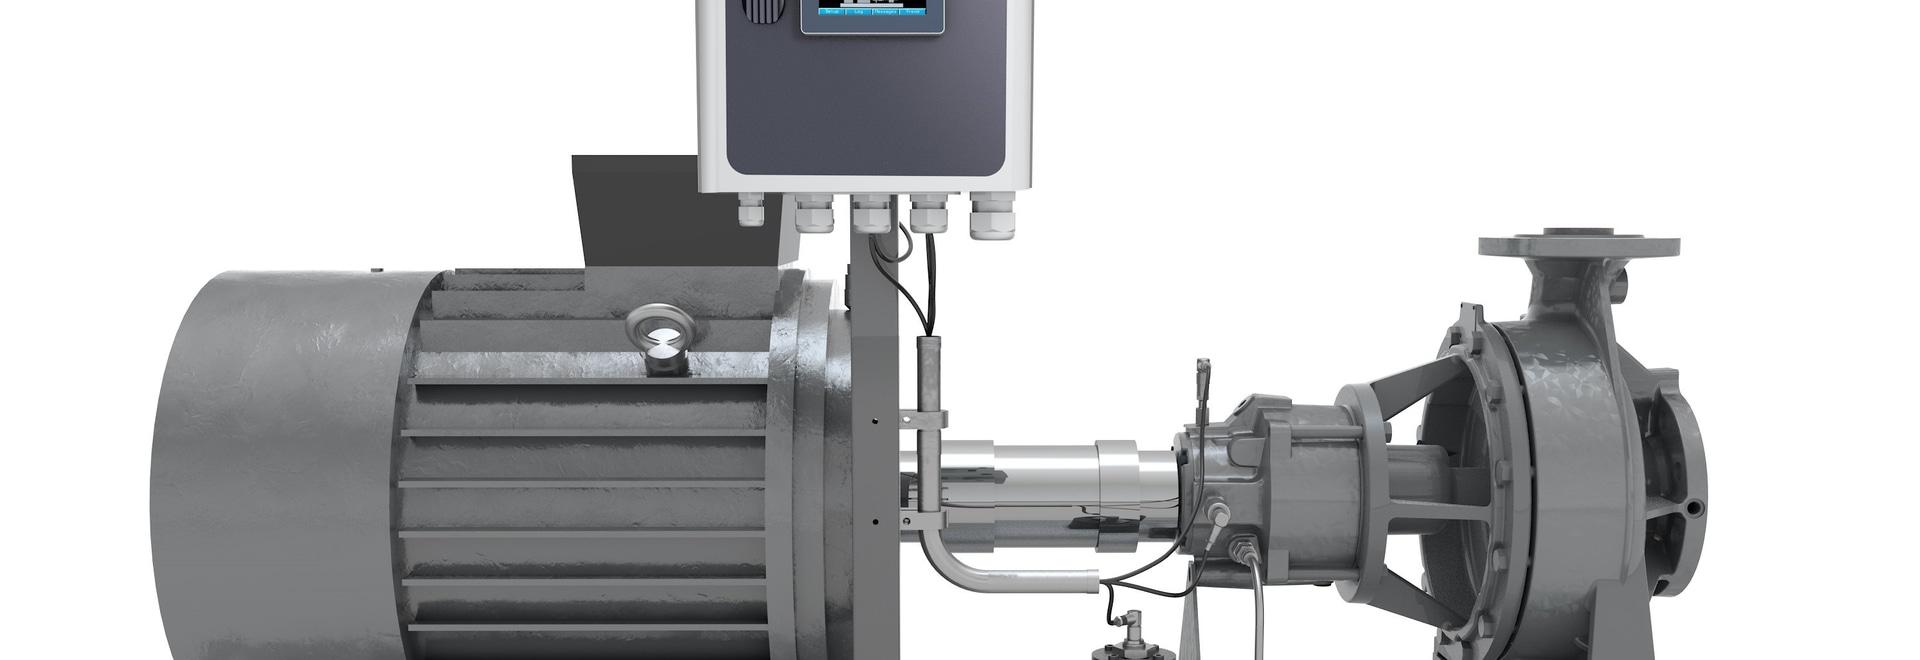 Die Überwachung des Gerätes spürt Pumpen-Systeme auf